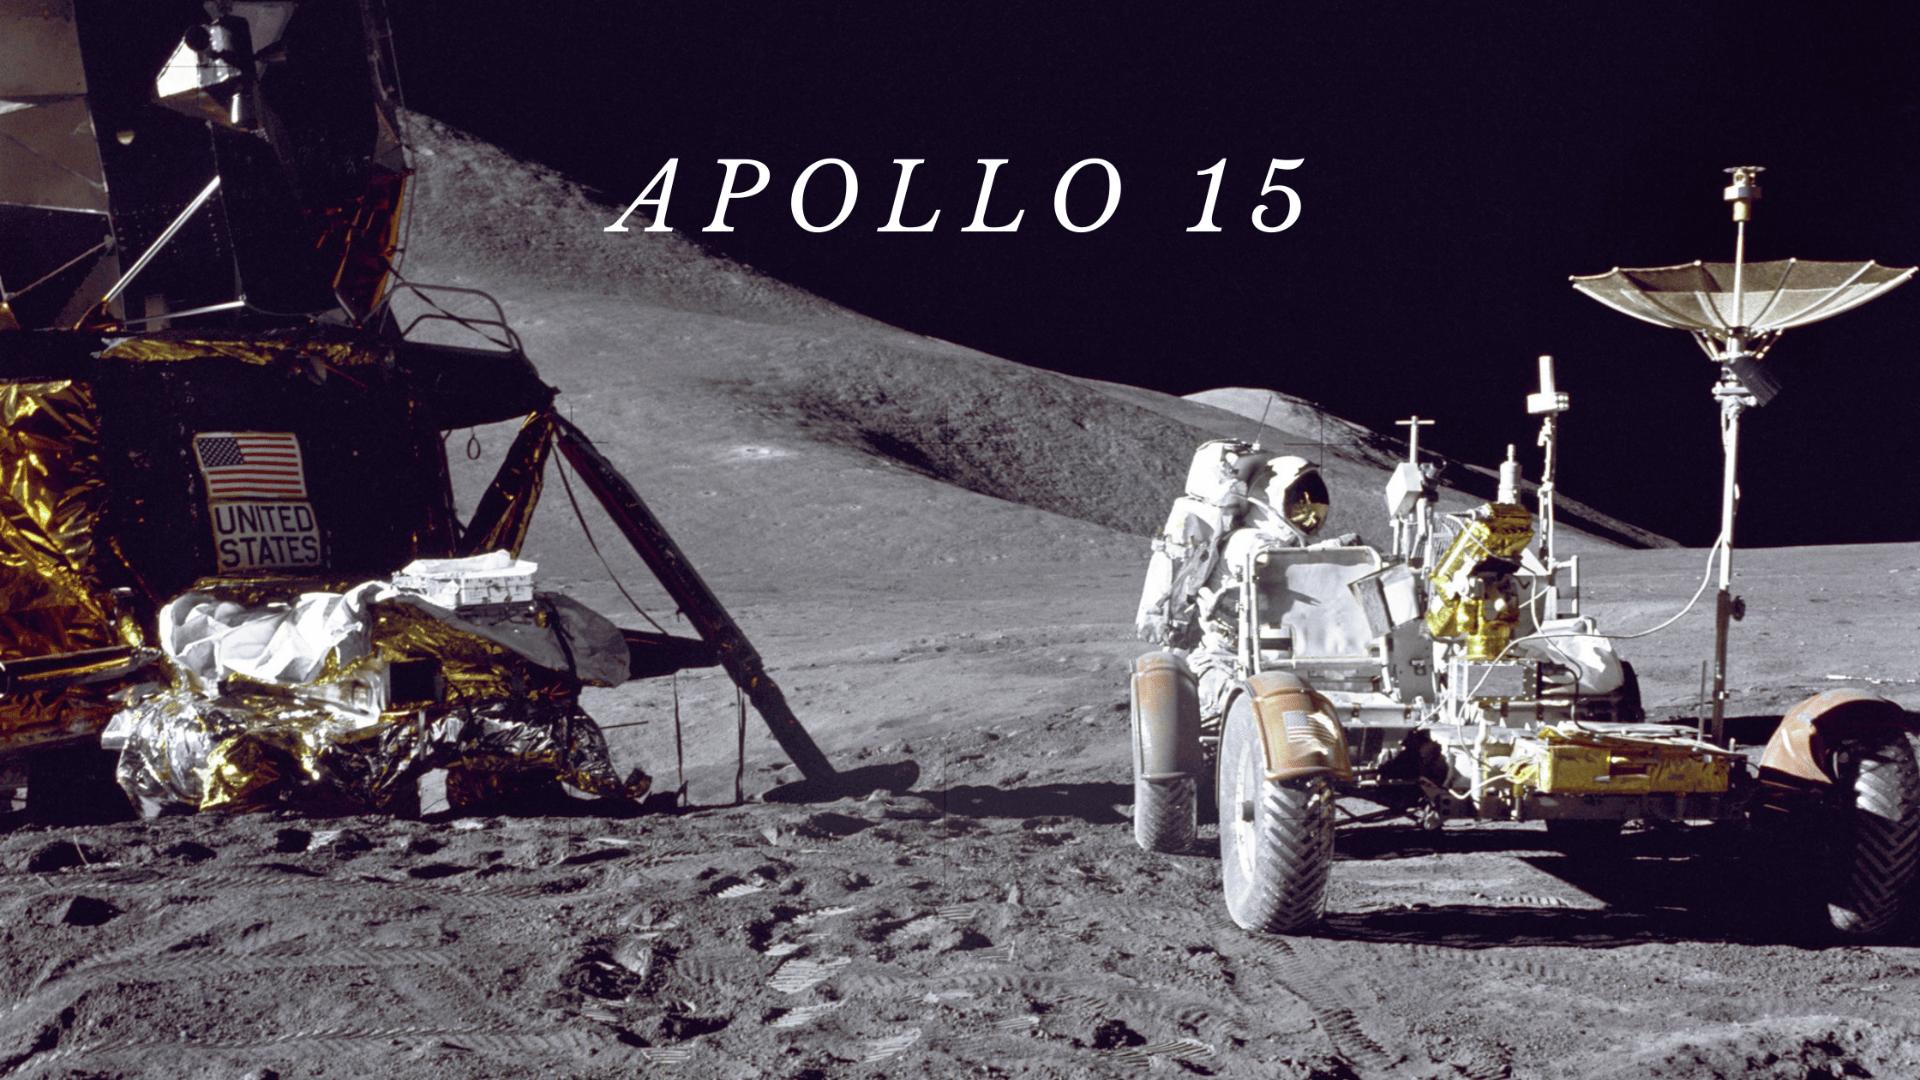 Apollo 15 header